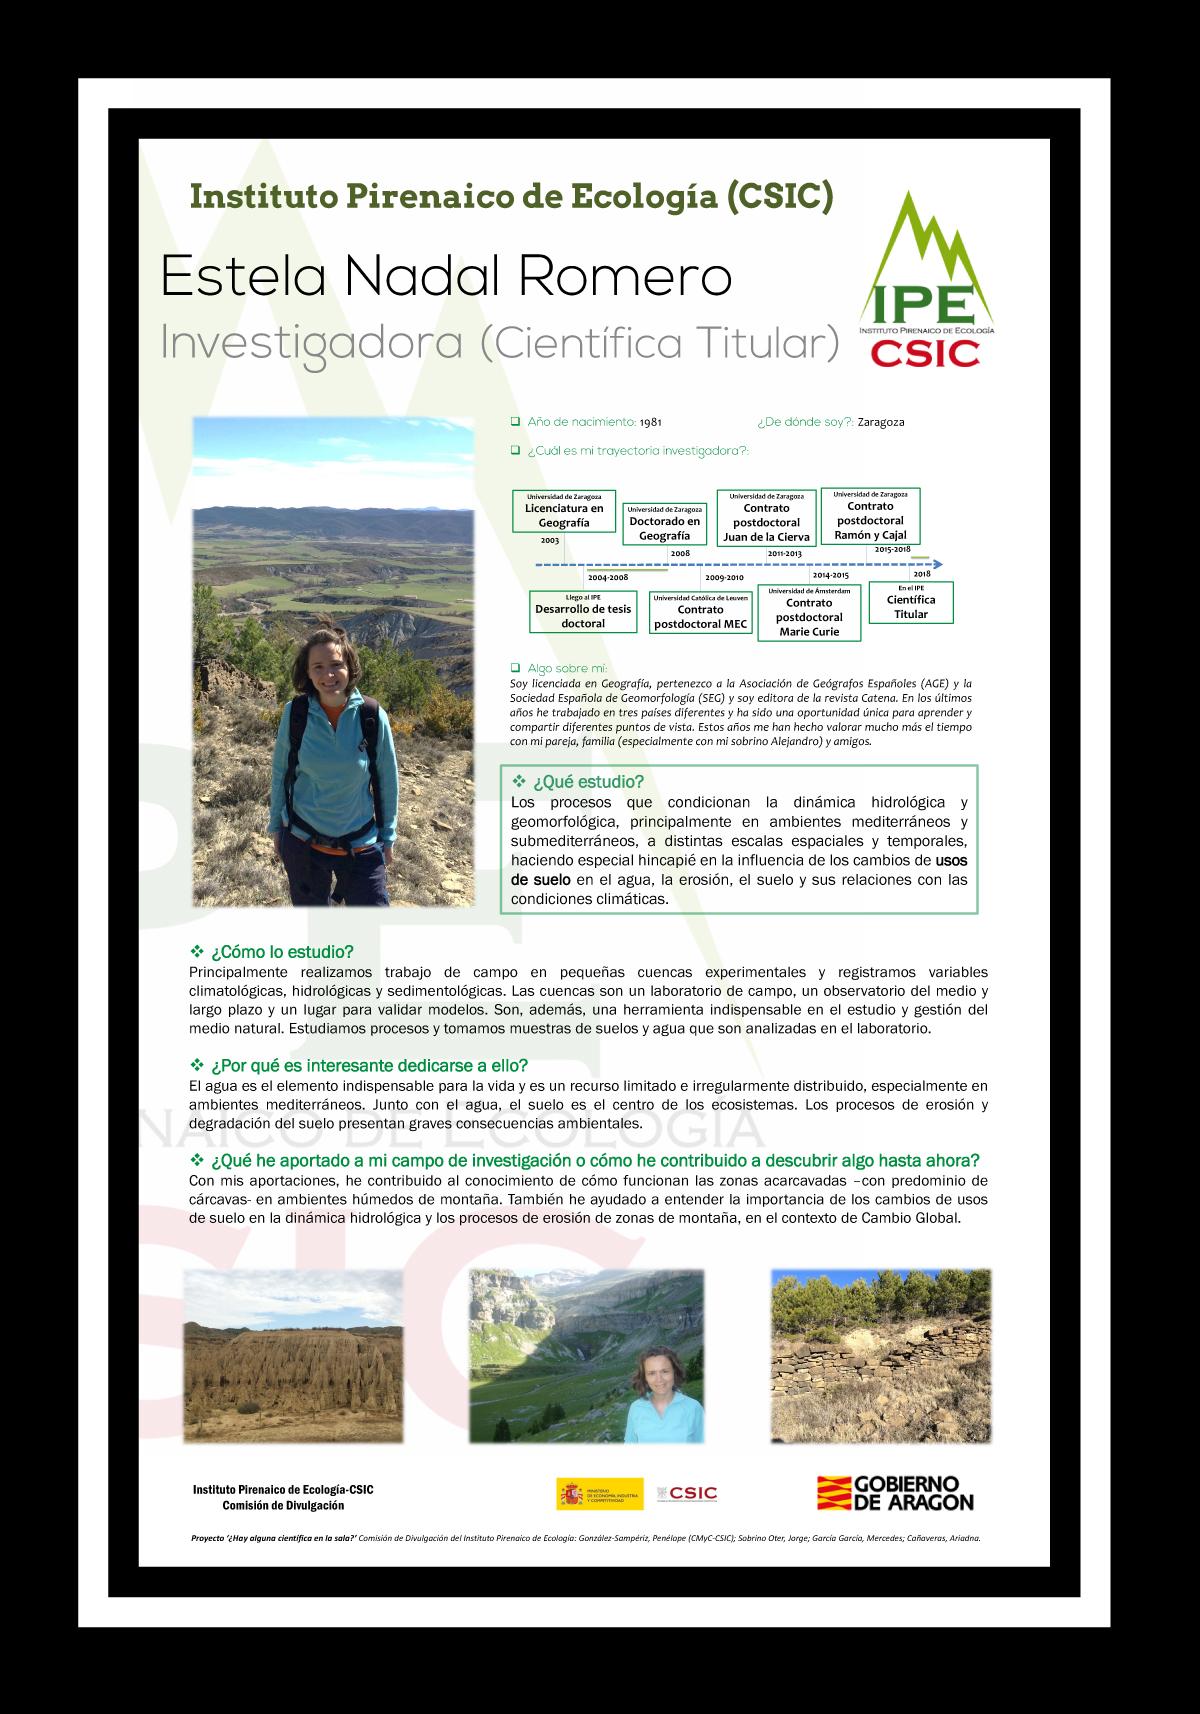 Estela Nadal Romero